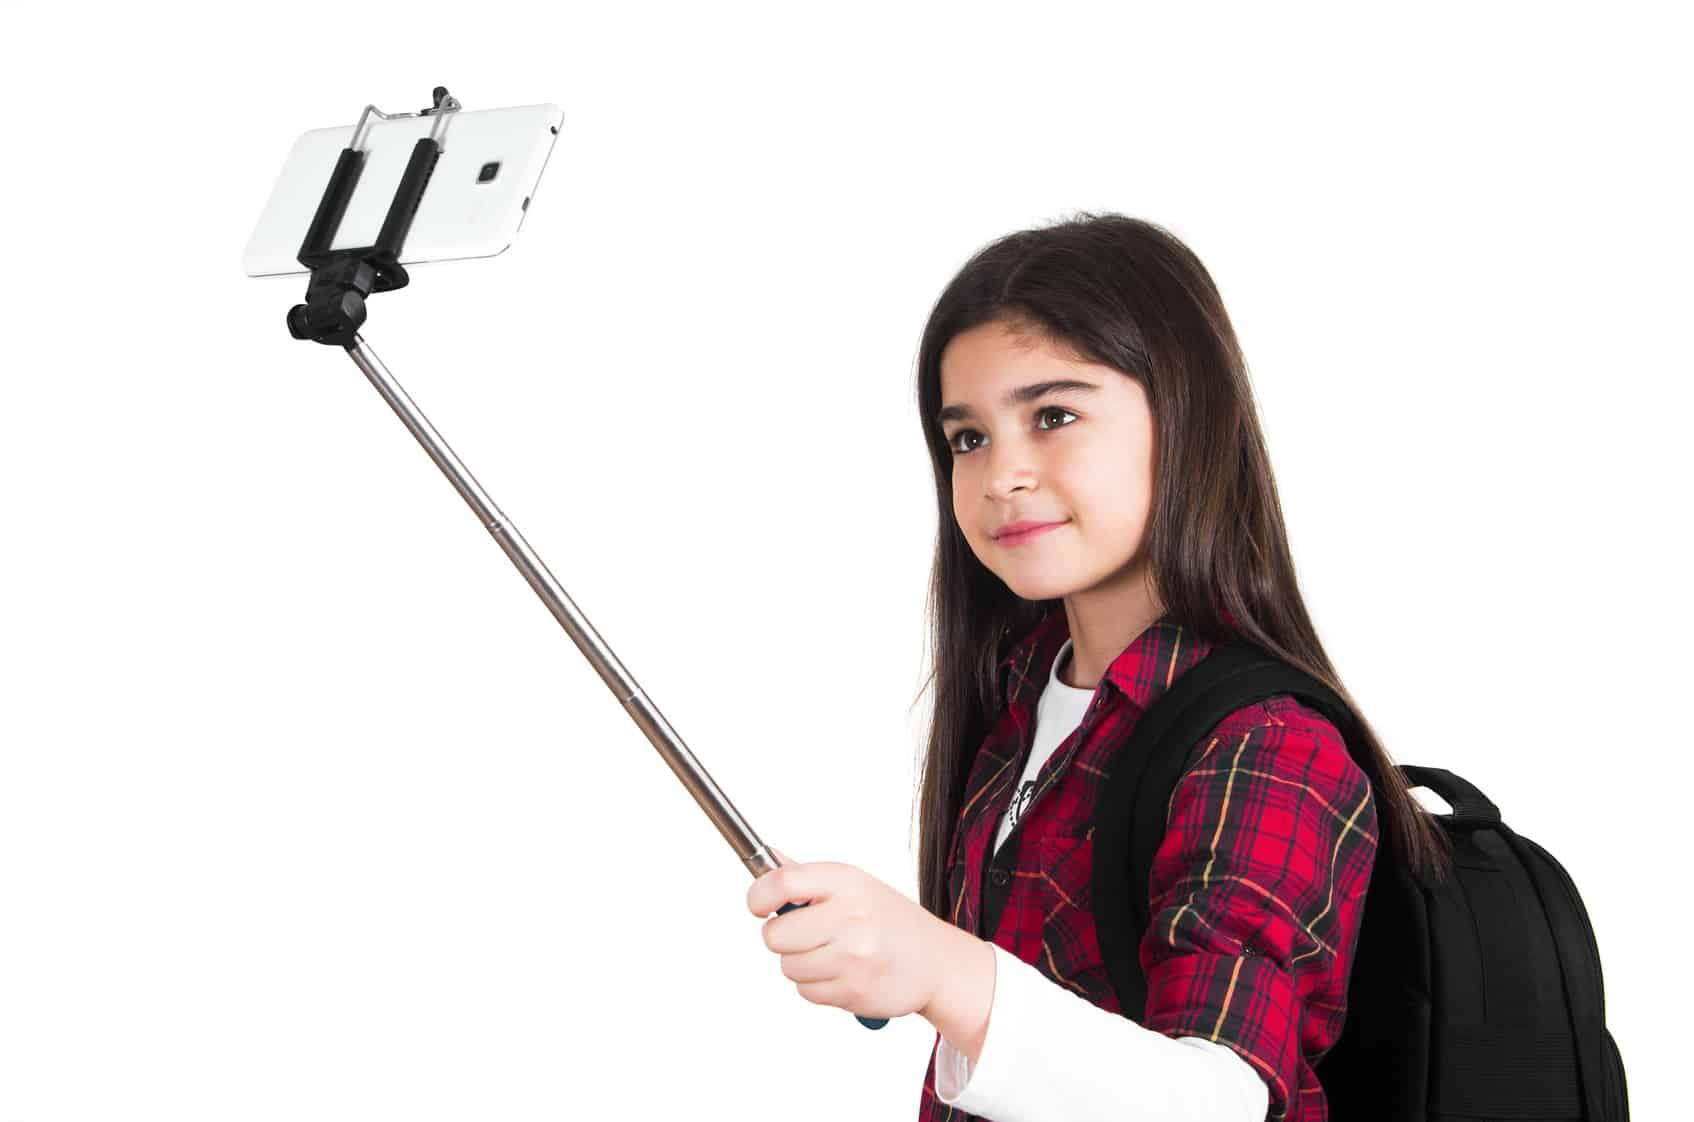 Niña con selfie stick en el regreso a clases